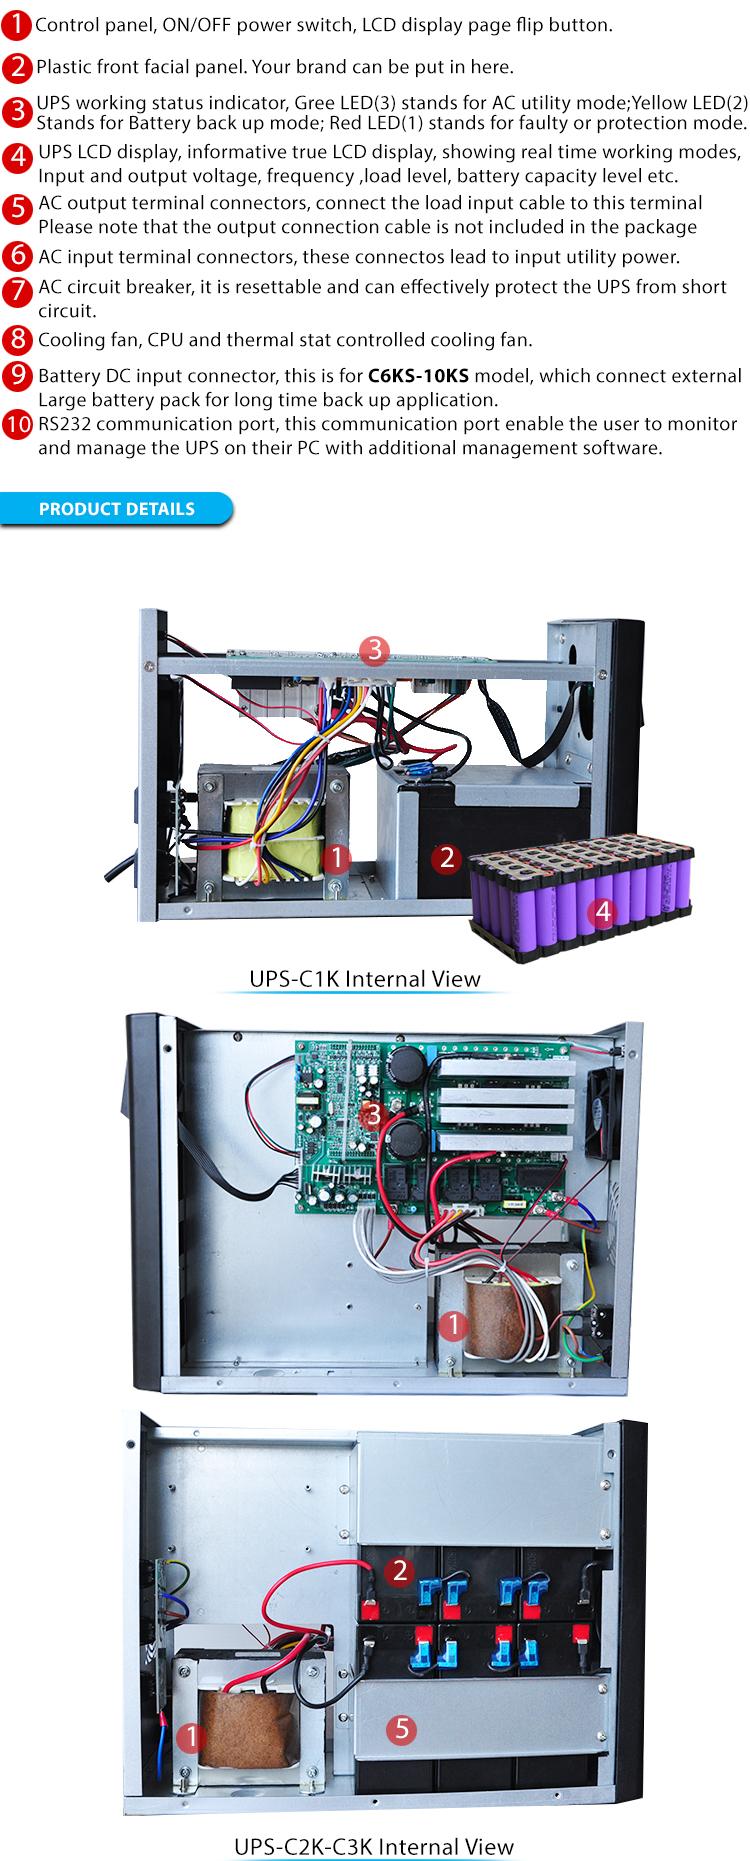 UPS-C1K-10K(S) (4).jpg